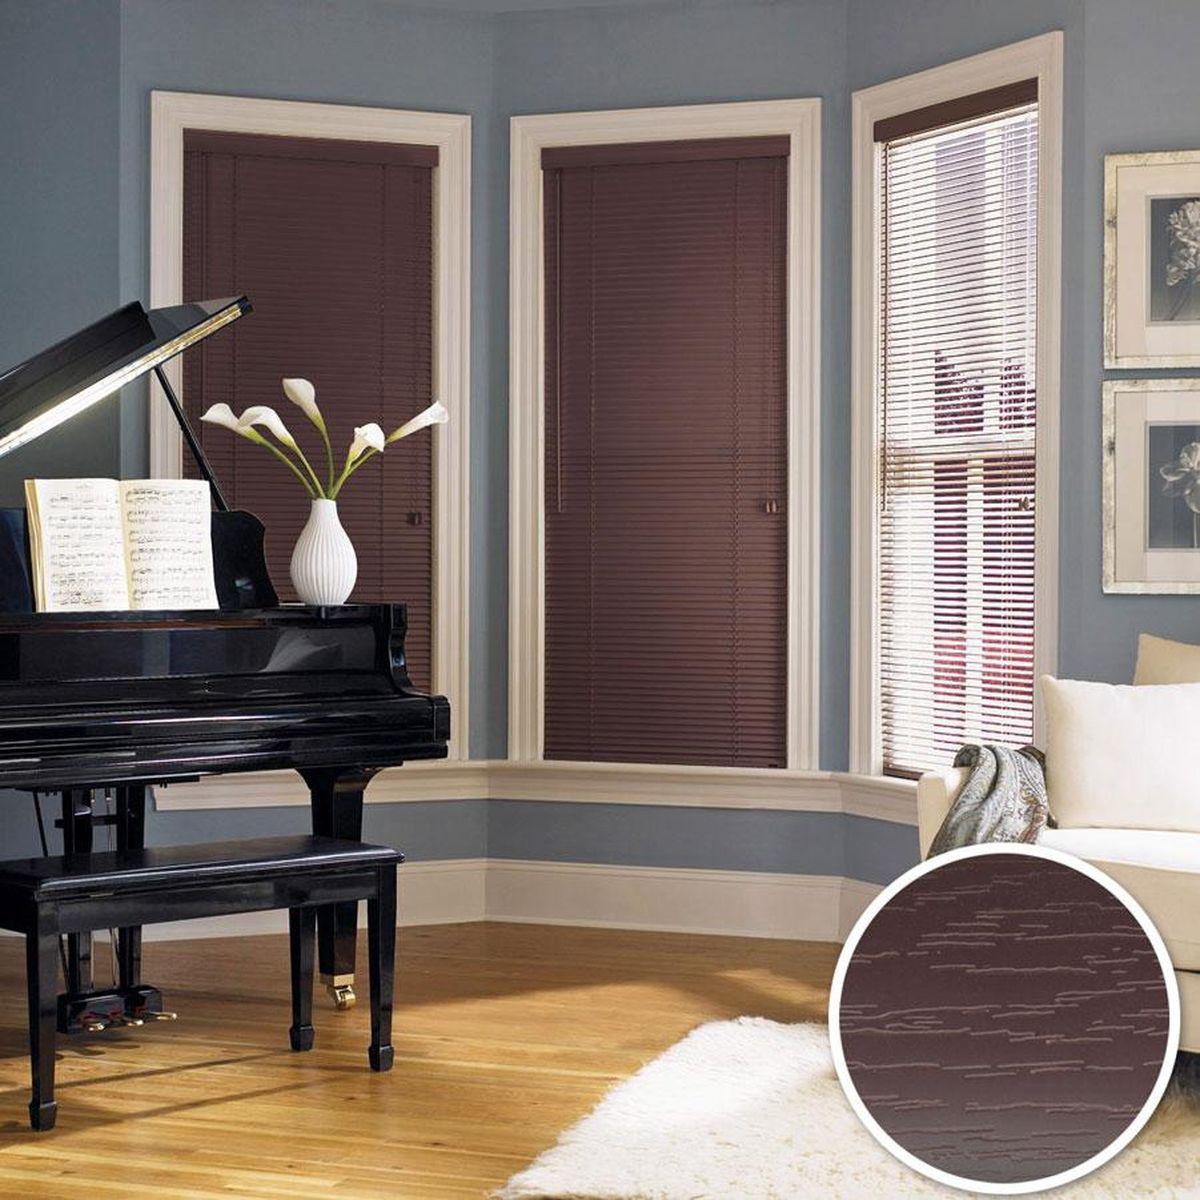 Жалюзи пластиковые 38 мм Эскар, горизонтальные, цвет: темный кофе, ширина 160 см, высота 160 см61211160160Для того чтобы придать интерьеру изюминку и завершенность, нет ничего лучше, чем использовать жалюзи на окнах квартиры, дома или офиса. С их помощью можно подчеркнуть индивидуальный вкус, а также стилевое оформление помещения. Помимо декоративных функций, жалюзи выполняют и практические задачи: они защищают от излишнего солнечного света, не дают помещению нагреваться, а также создают уют в темное время суток.Пластиковые жалюзи - самое универсальное и недорогое решение для любого помещения. Купить их может каждый, а широкий выбор размеров под самые популярные габариты сделает покупку простой и удобной. Пластиковые жалюзи имеют высокие эксплуатационные характеристики - они гигиеничны, что делает их незаменимыми при монтаже в детских и медицинских учреждениях.